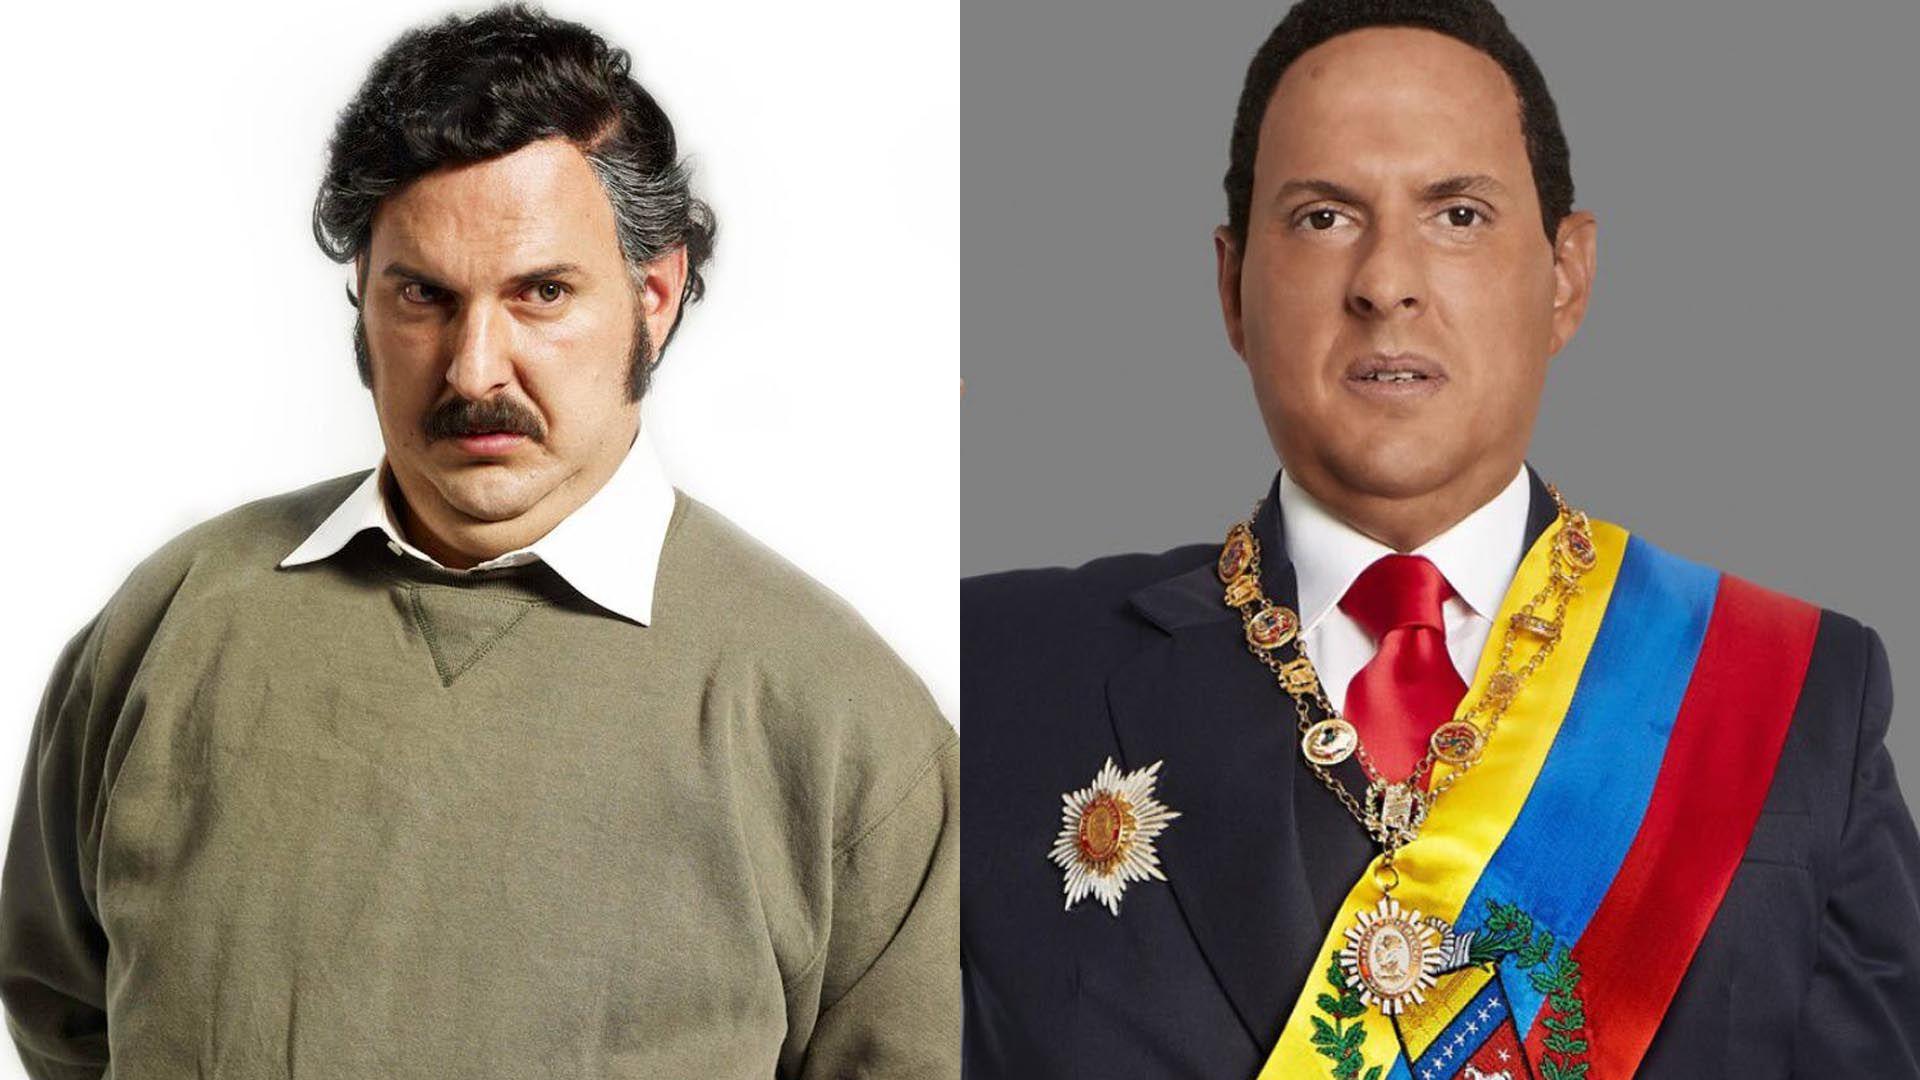 Andrés Parra como Pablo Escobar y como Hugo Chávez